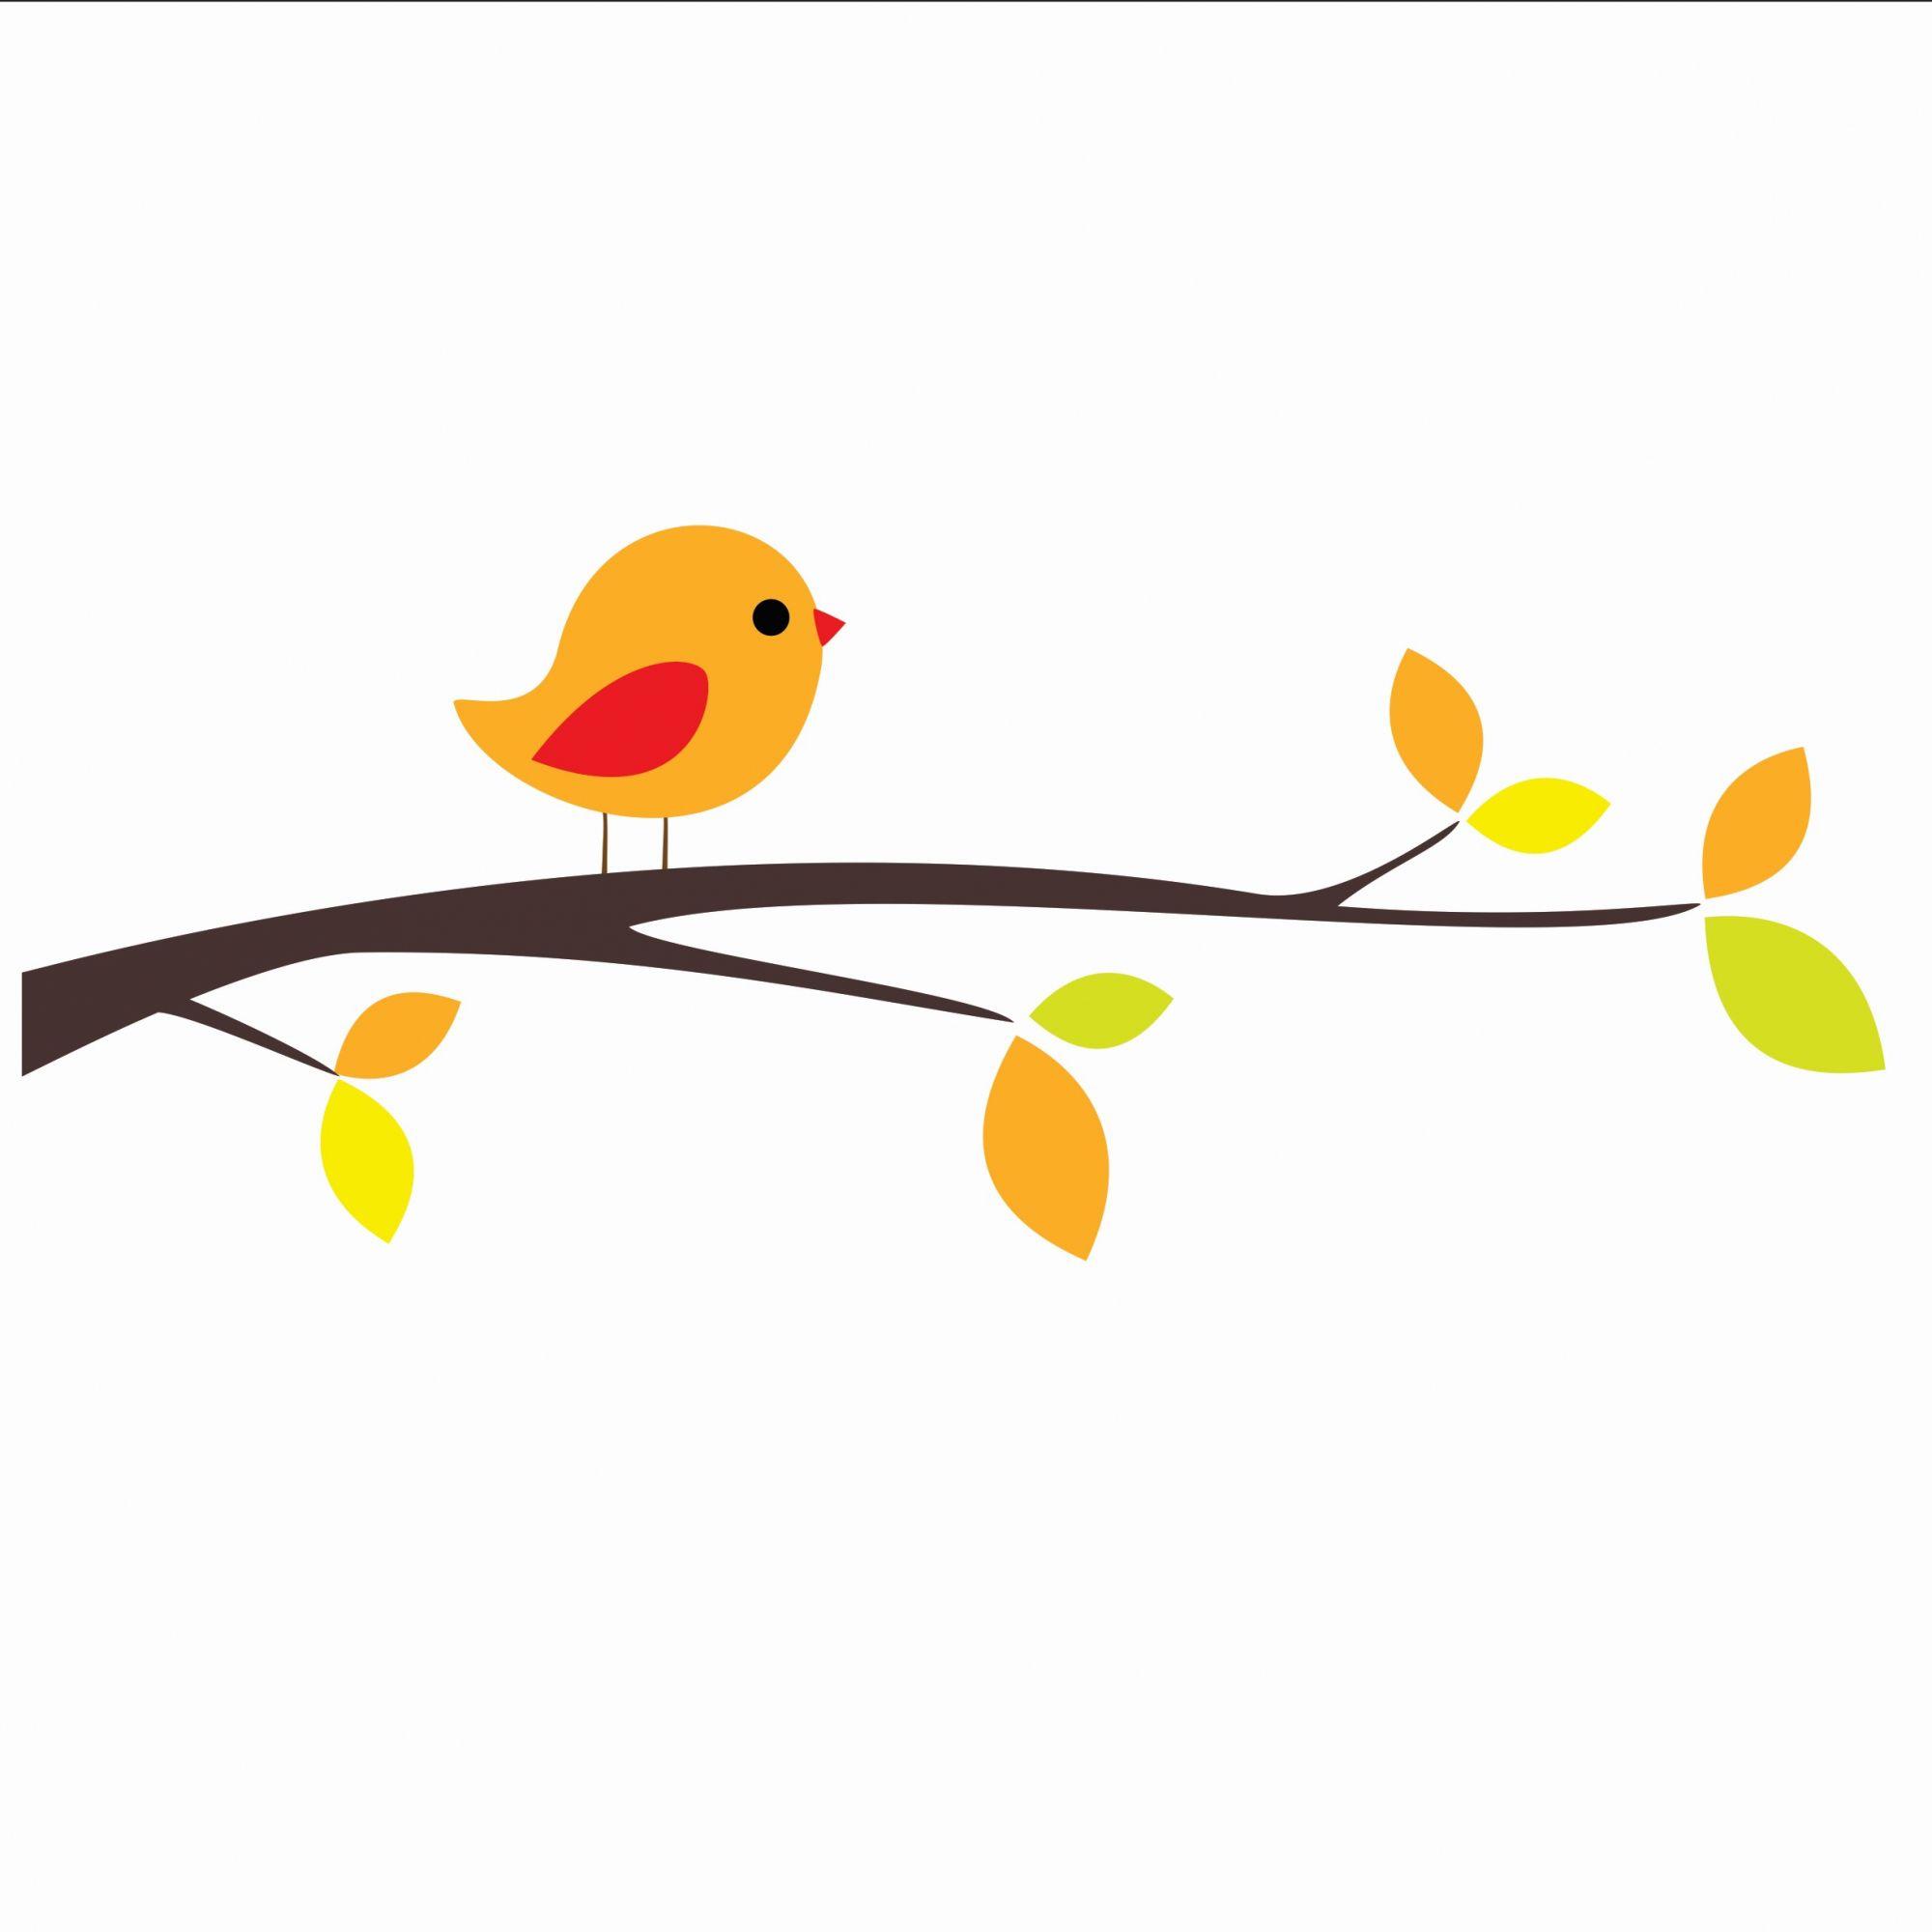 Adesivo pássaro laranja